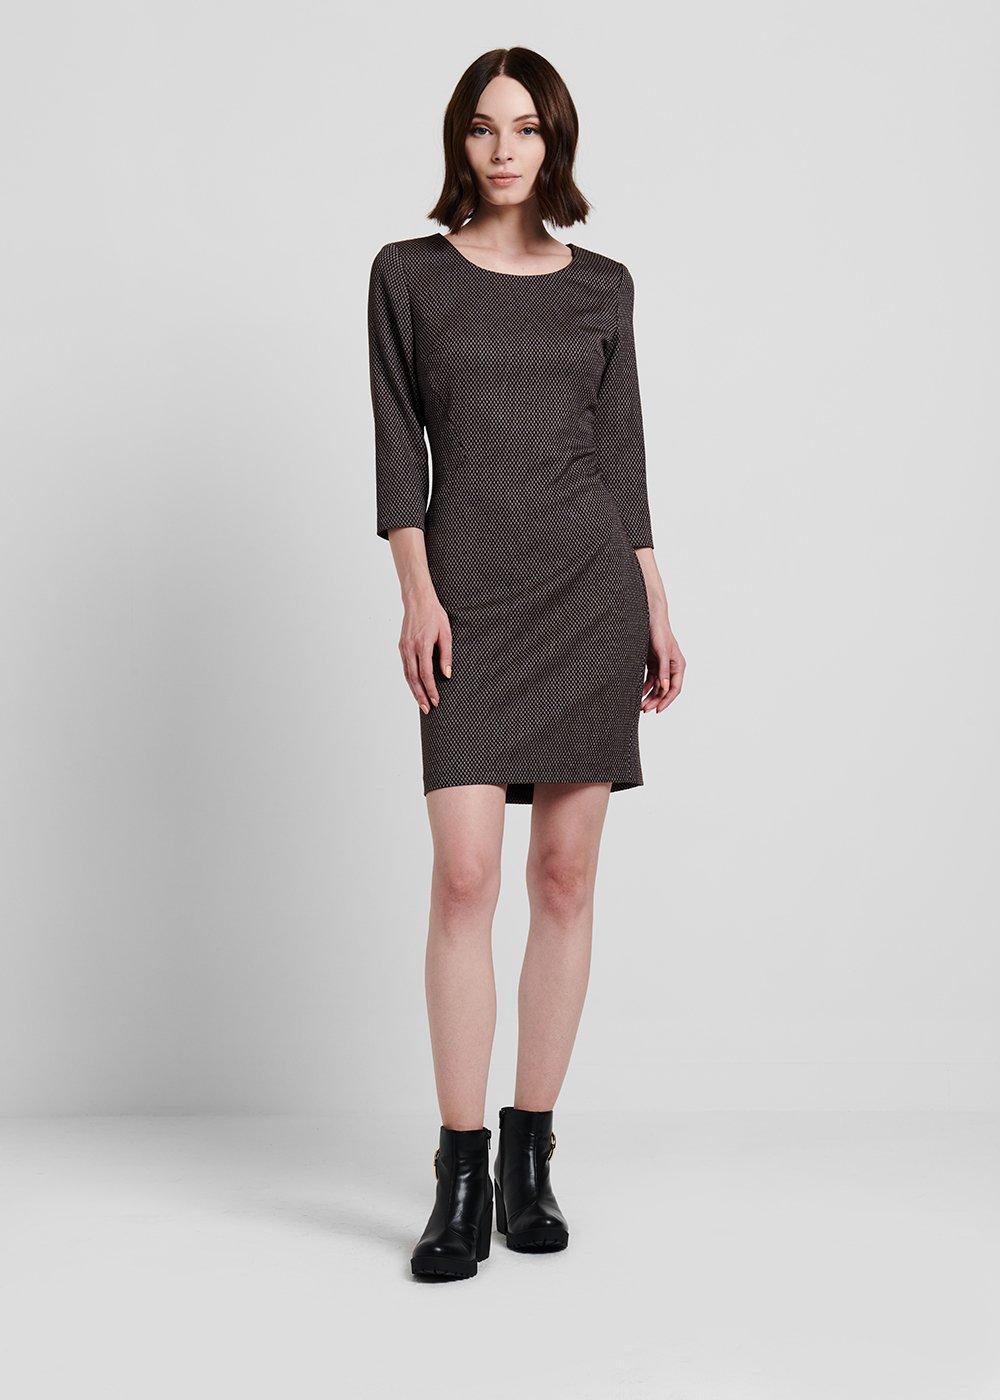 Sheath dress with micro pattern